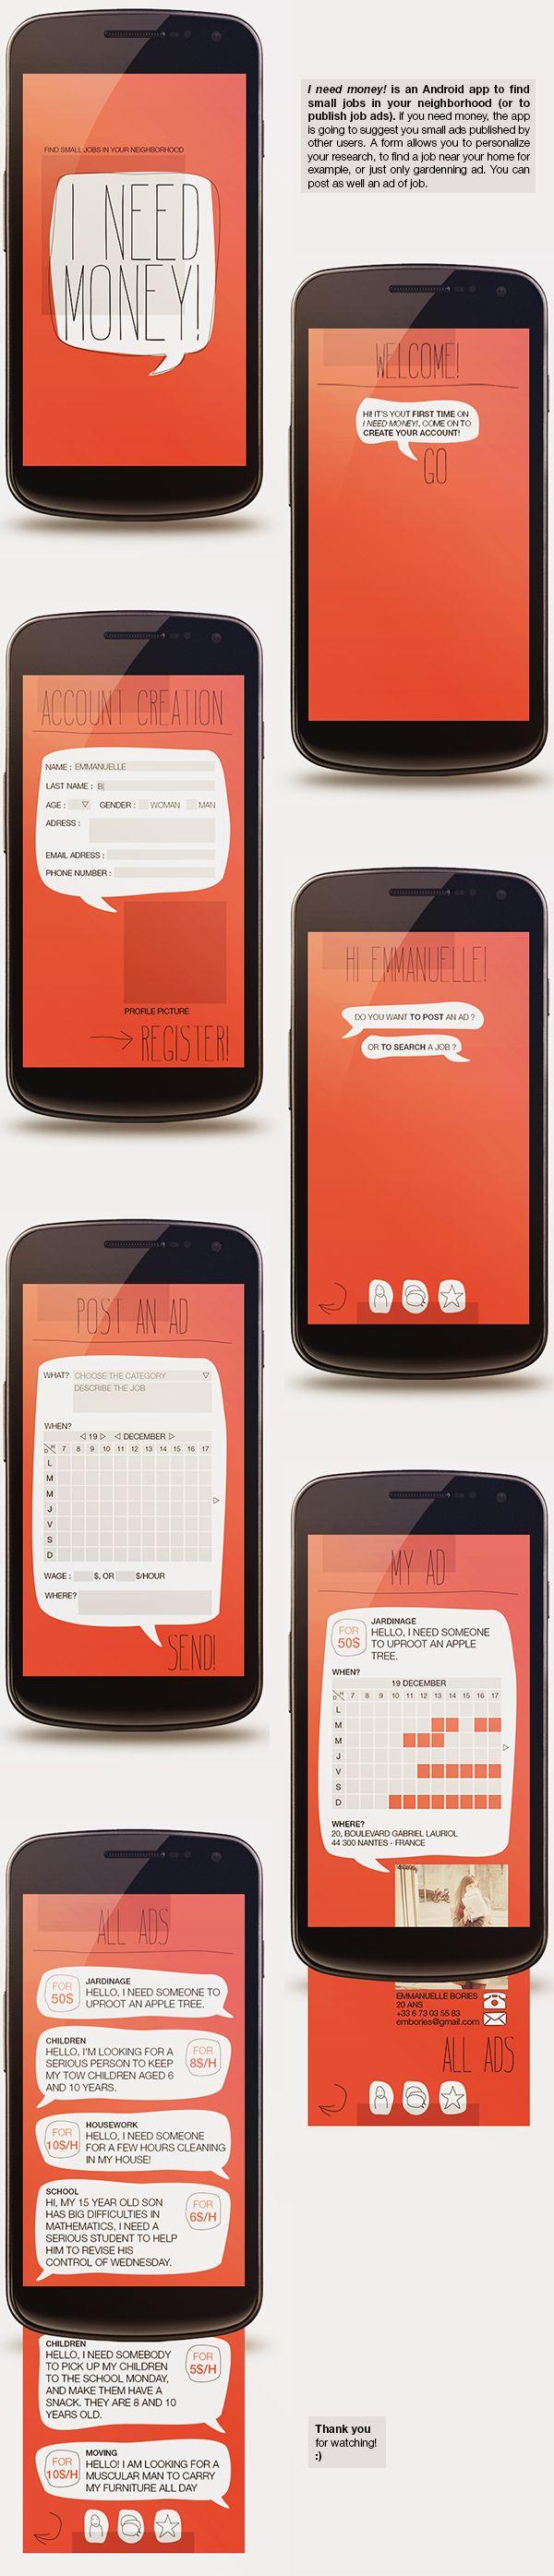 I need money! // Android app - 2013 by e m m a n u e l l e - b o r i e s, via Behance